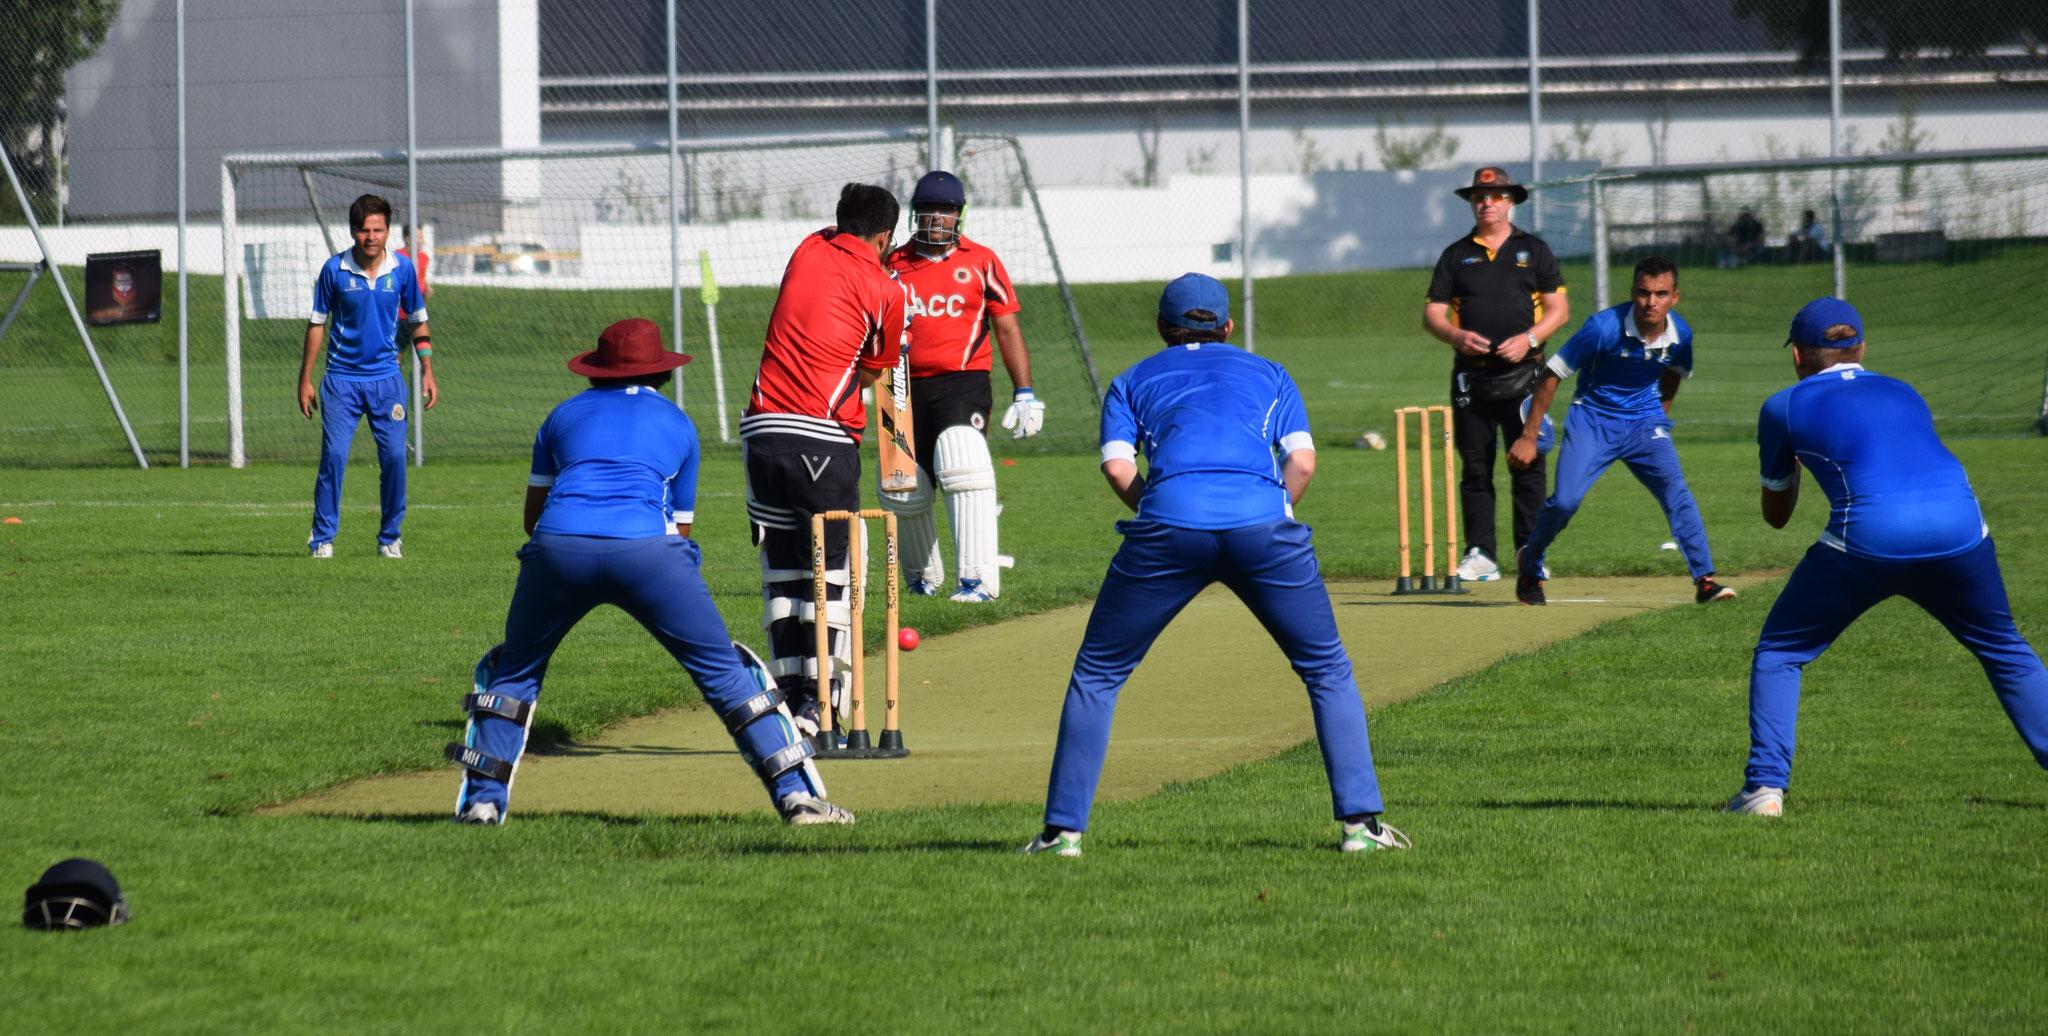 Zurich Crickets Cricket Club - Website of Zurich crickets!